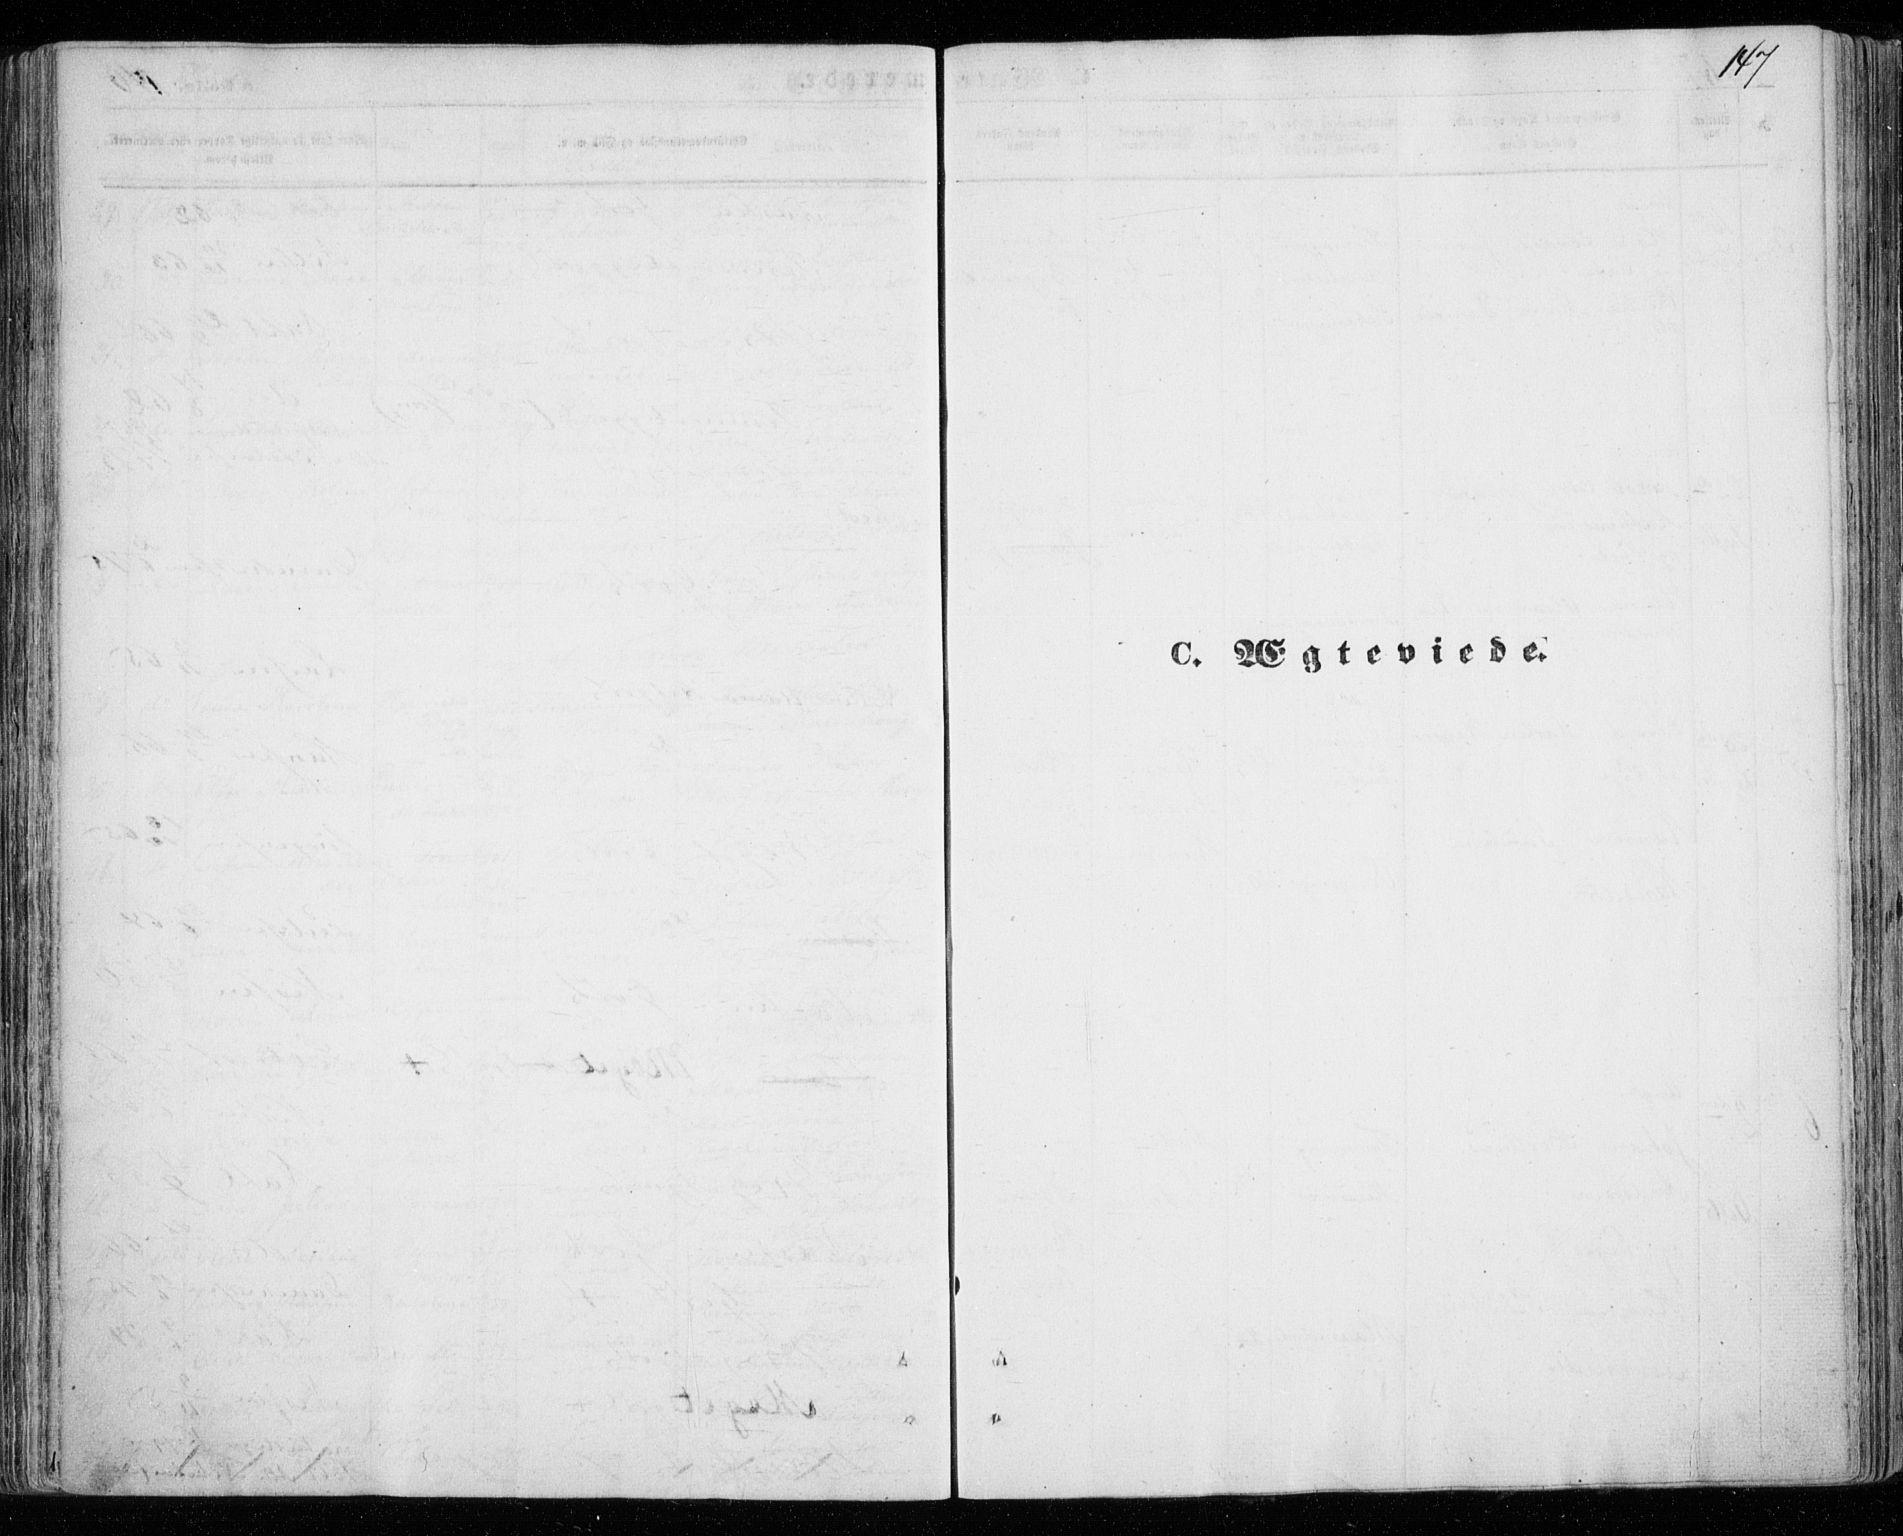 SATØ, Tromsøysund sokneprestkontor, G/Ga/L0002kirke: Ministerialbok nr. 2, 1867-1875, s. 147